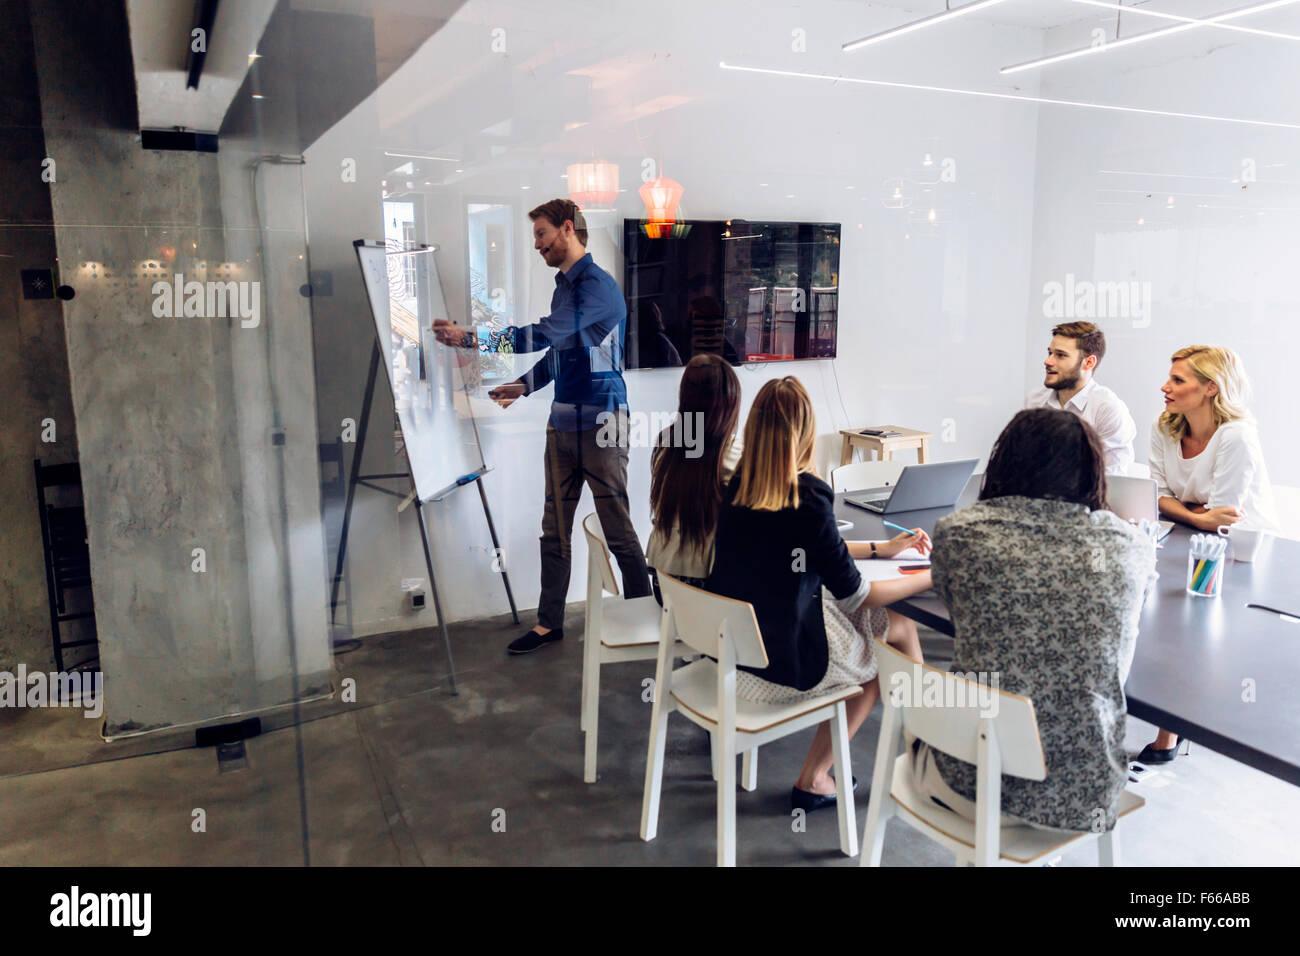 Gruppo di colleghi di lavoro in un ufficio brainstorming e presentazione Immagini Stock